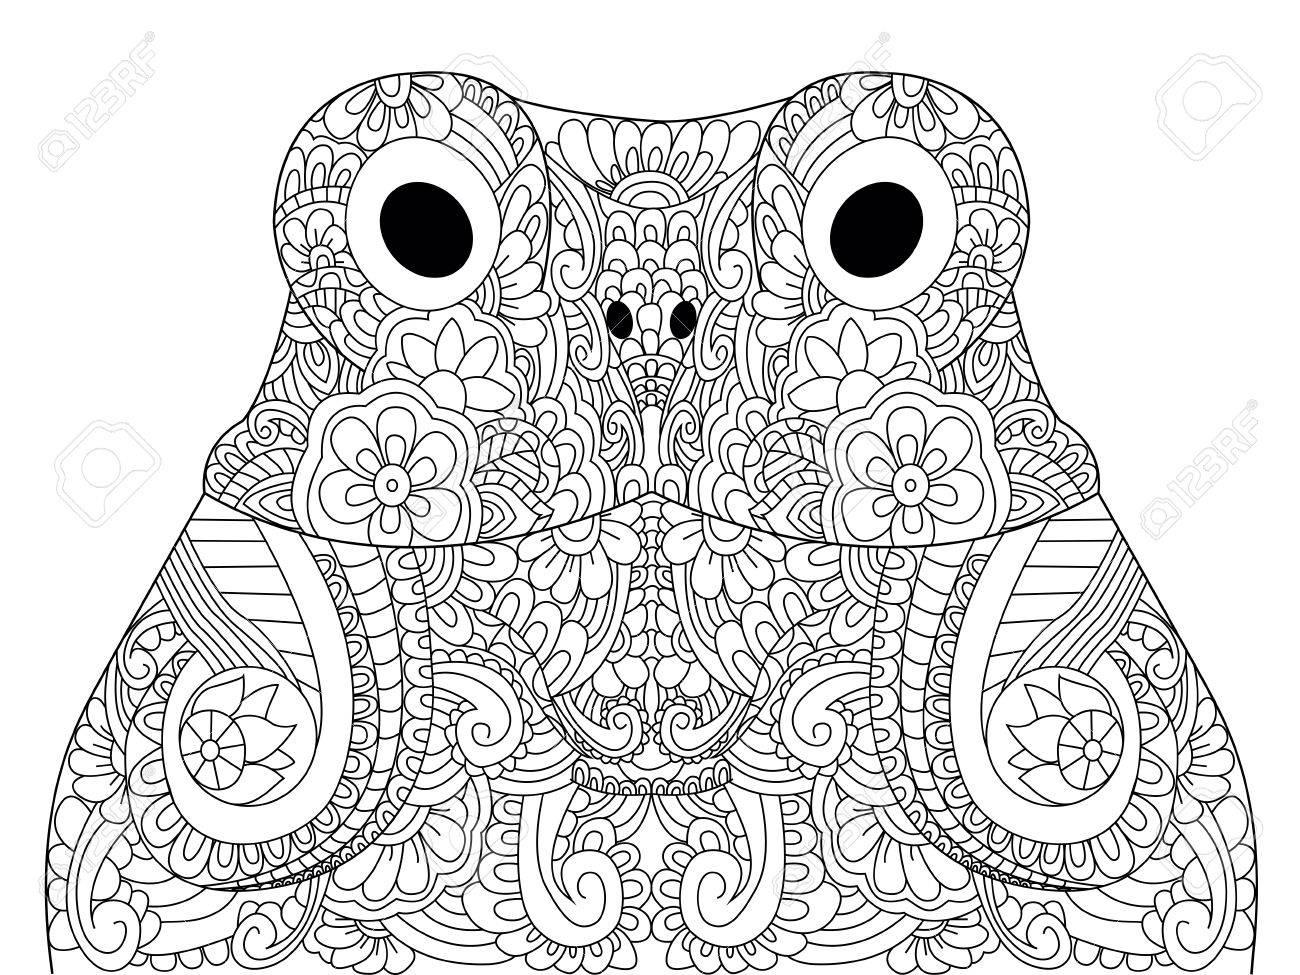 Cabeza De La Ilustración Del Vector Del Libro Para Colorear Froggy Antiestrés Para Colorear Sapo Adulto Líneas Blancas Y Negro Hoptoad Anuran